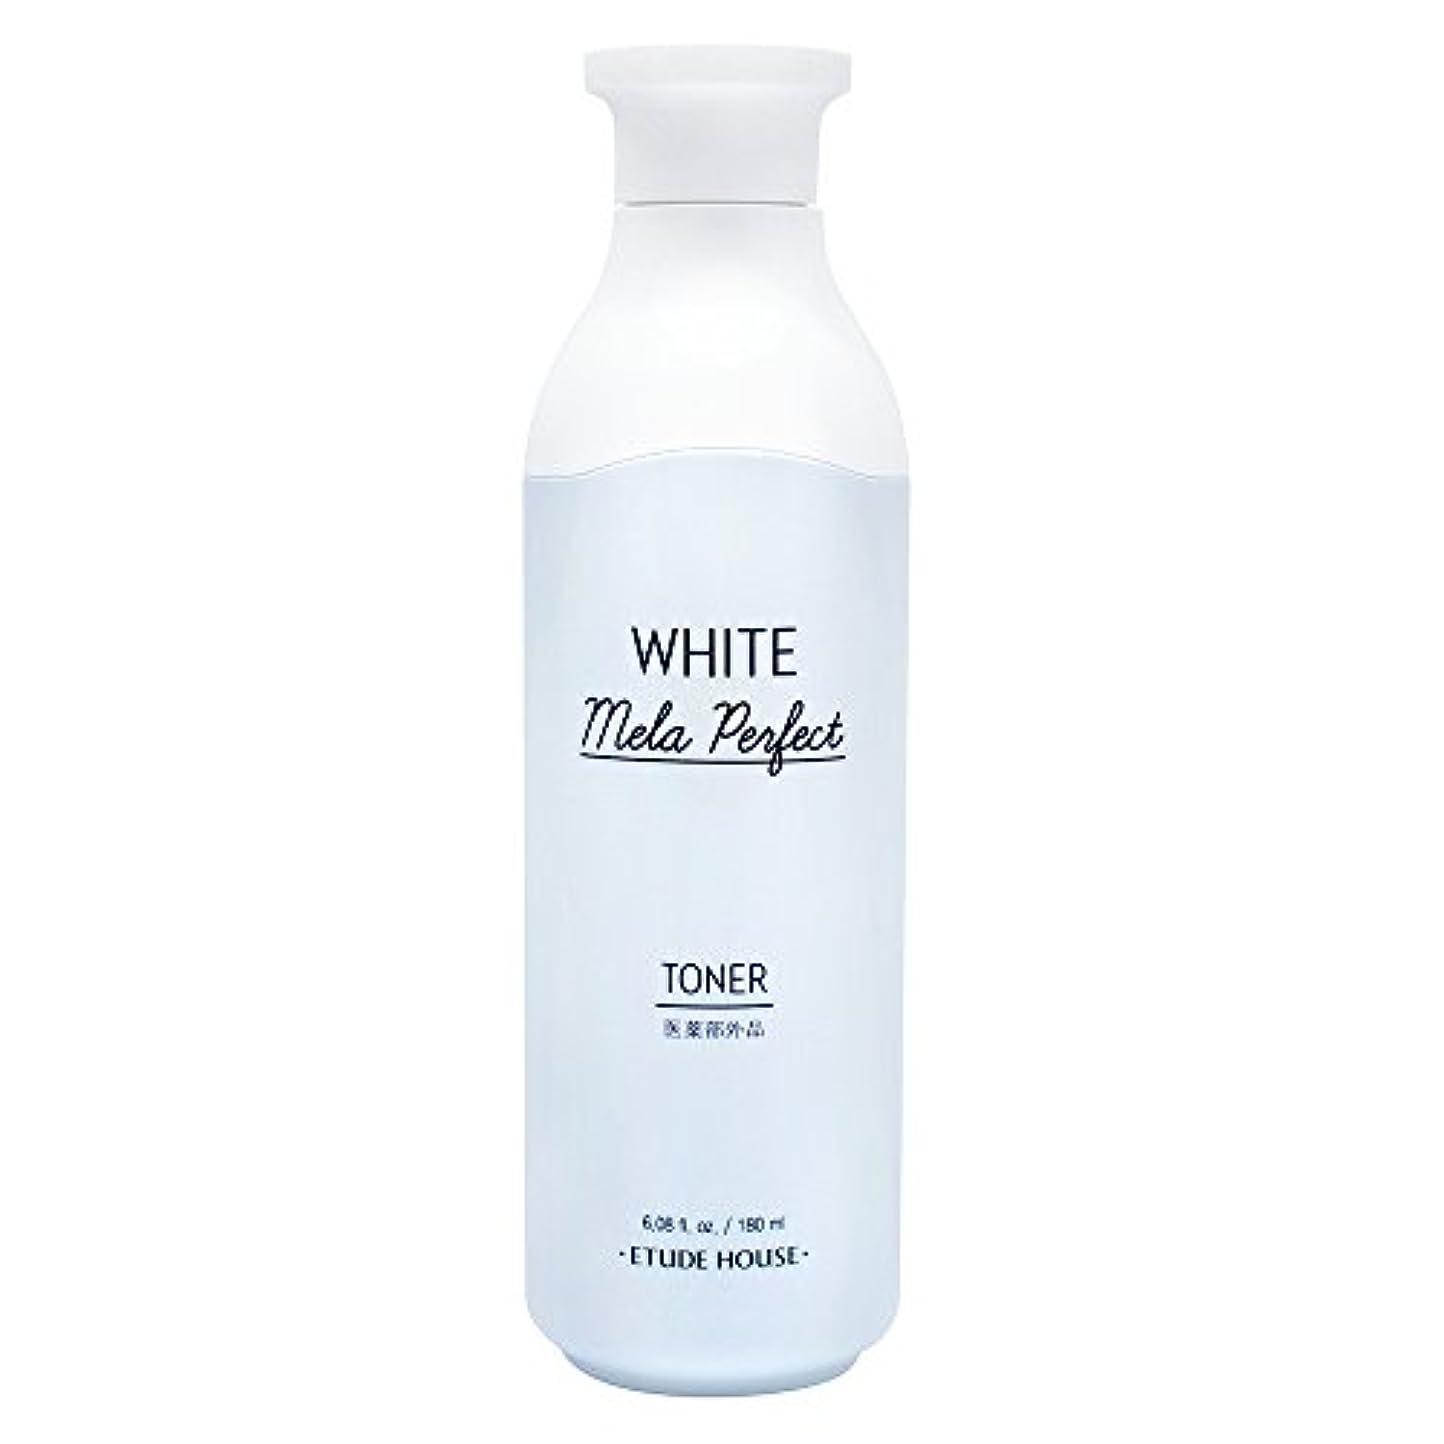 例外滅びるシティエチュードハウス(ETUDE HOUSE) ホワイトメラパーフェクト トナー[美白化粧水、化粧水]